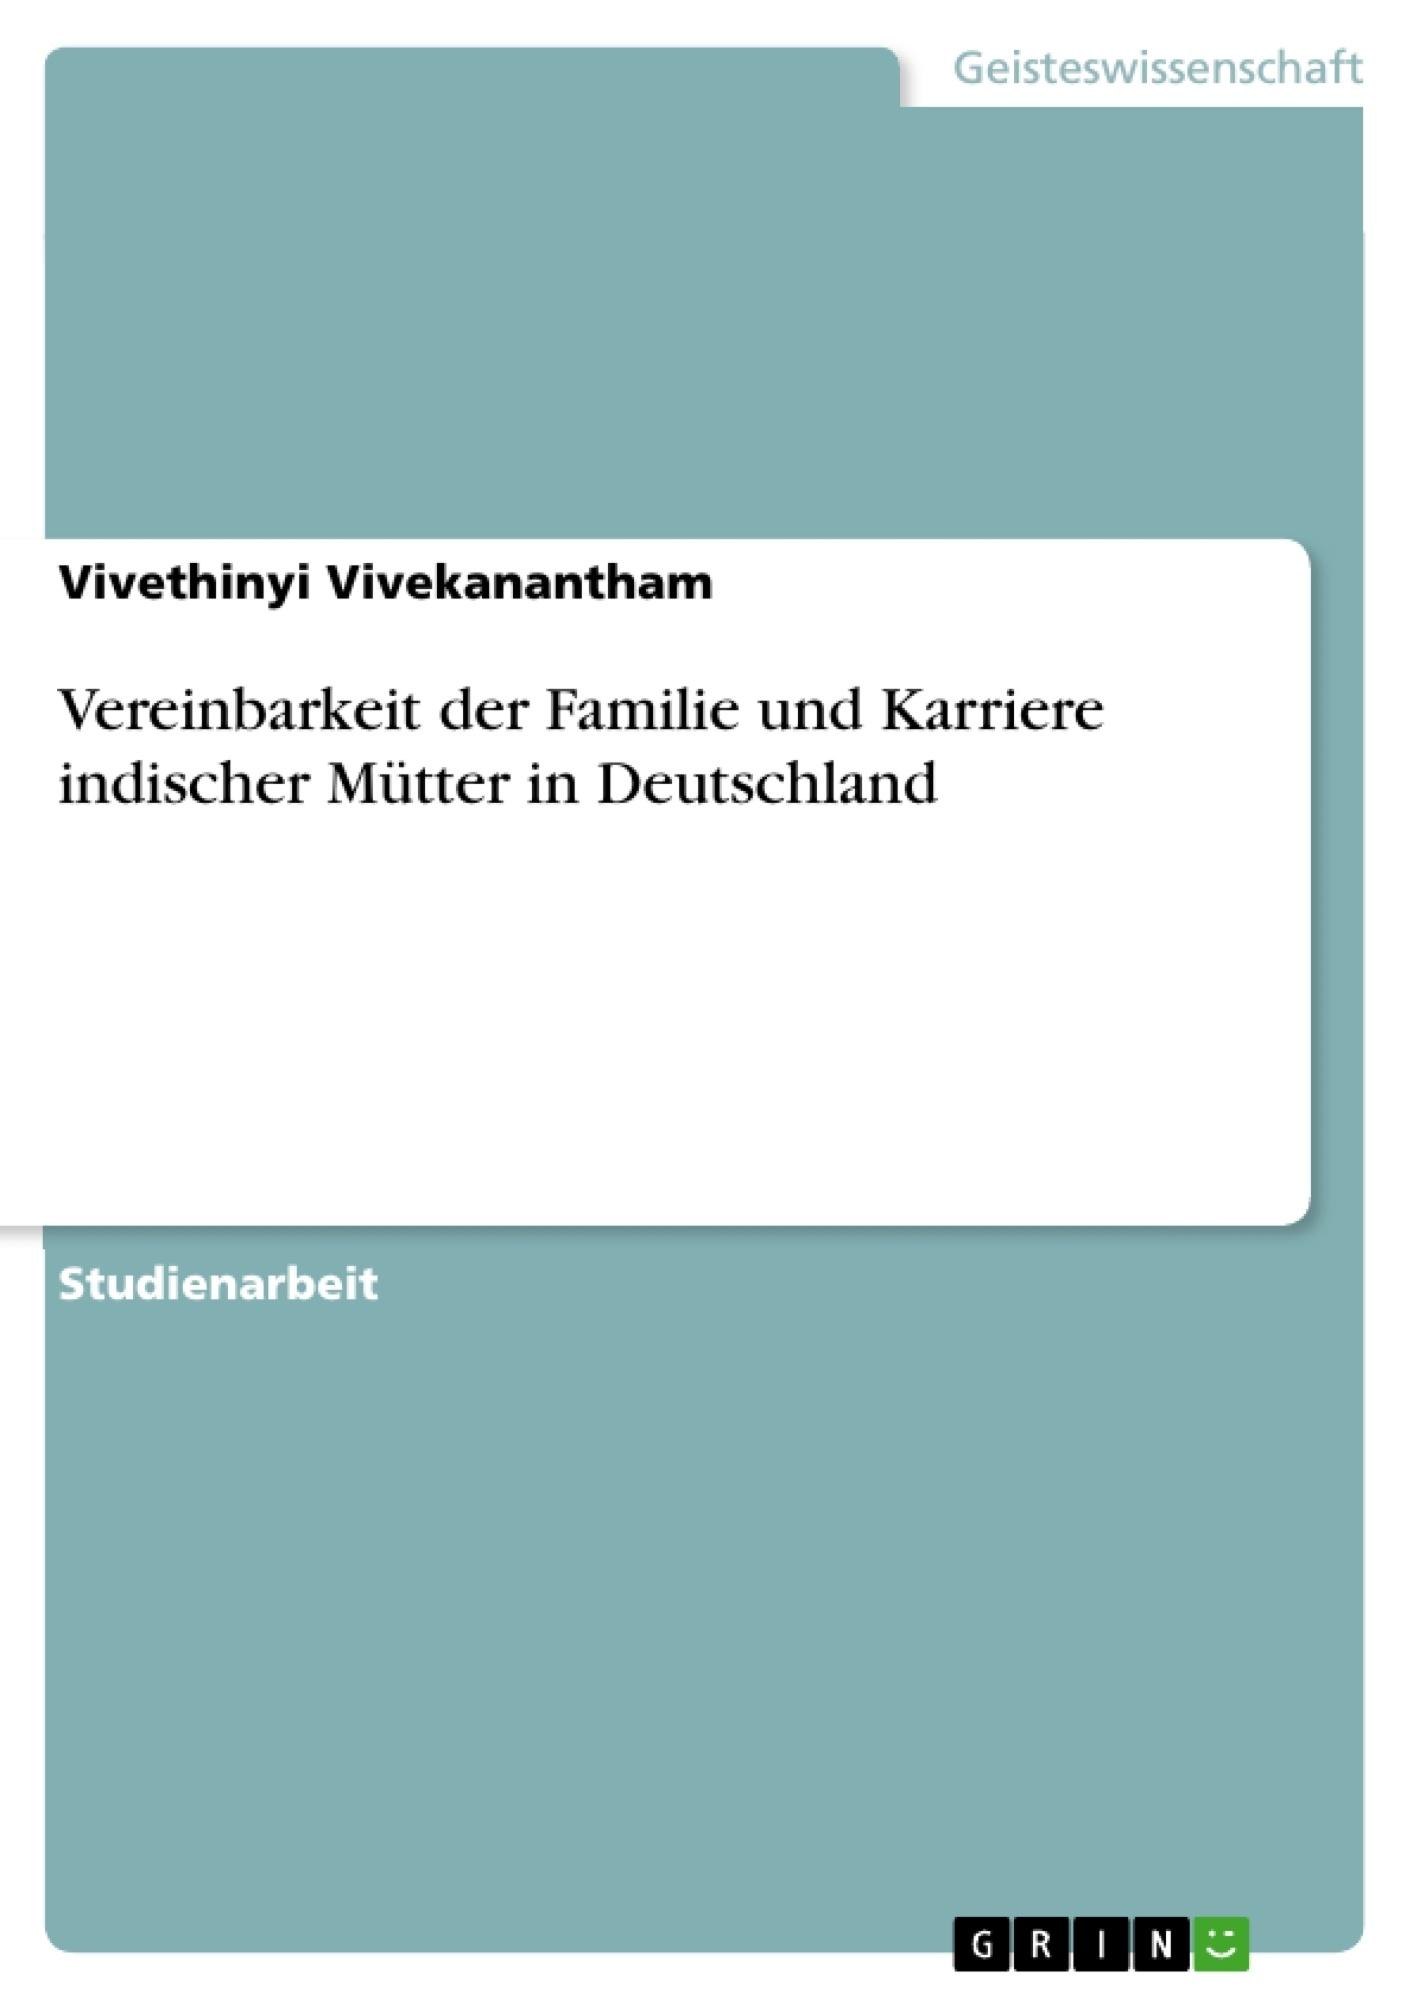 Titel: Vereinbarkeit der Familie und Karriere indischer Mütter in Deutschland